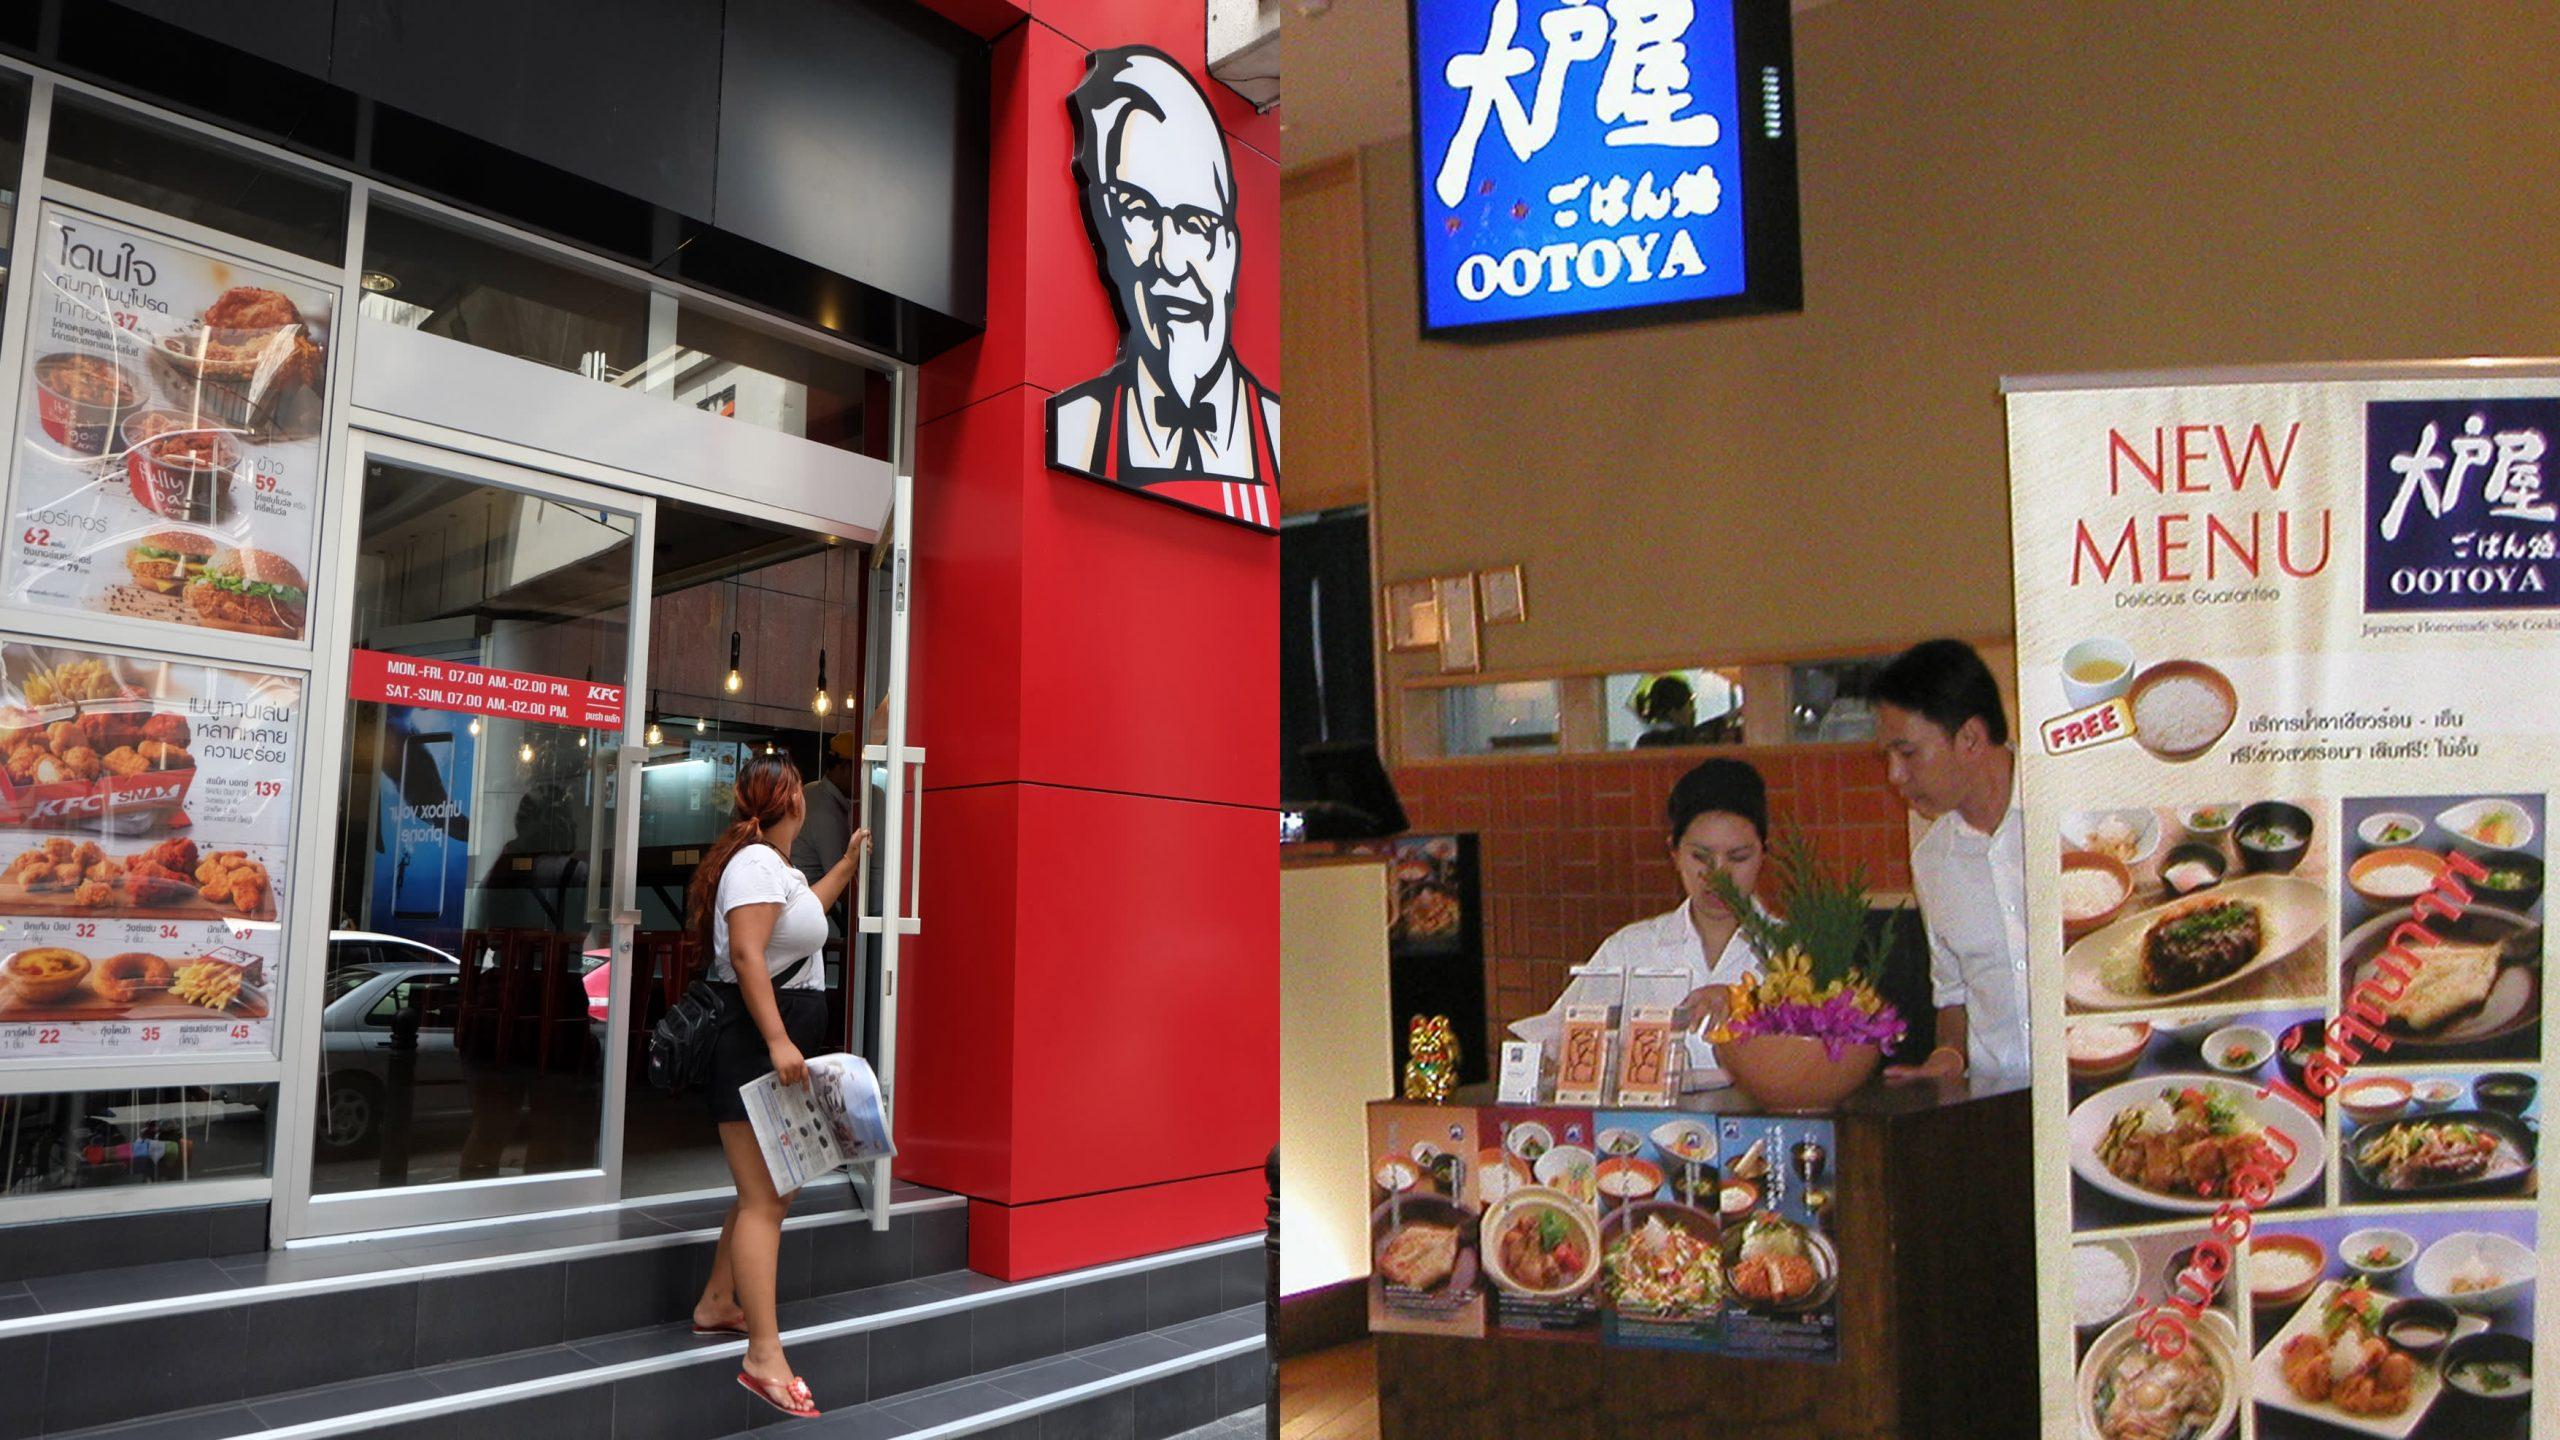 Cloud Kitchen tham gia cuộc đua cùng Grab, GoJek marketingreview.vn